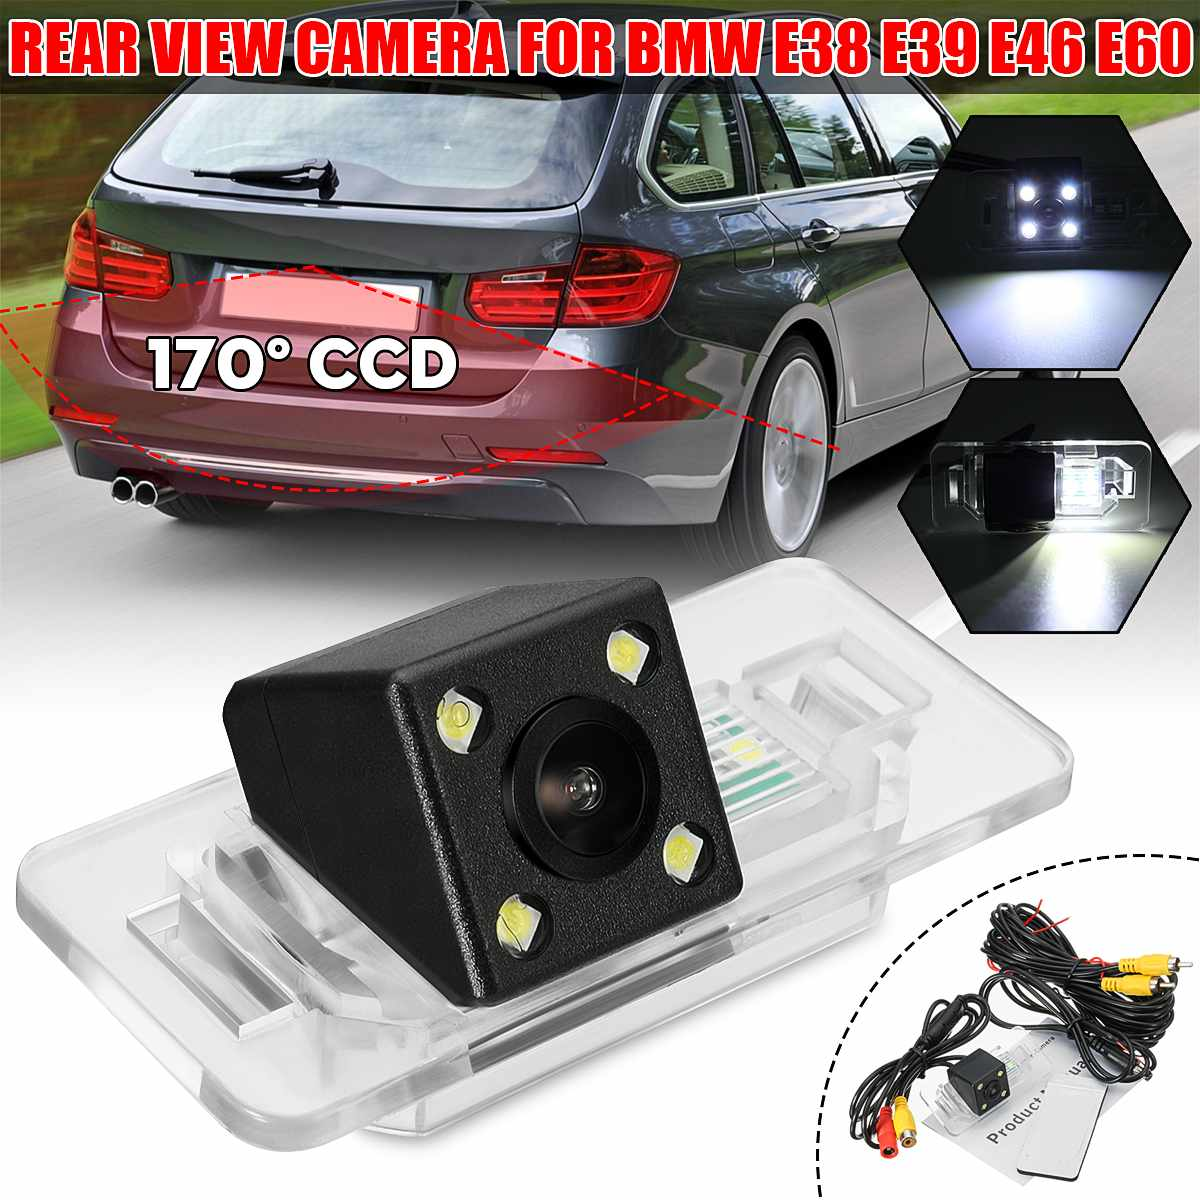 Cámara de visión nocturna CCD de 170 °, cámara de respaldo de marcha atrás, cámara de visión trasera para BMW 1, 3, 5 Series, X5, X6, E39, E46, E60, E65, E66, E90, E91, E92